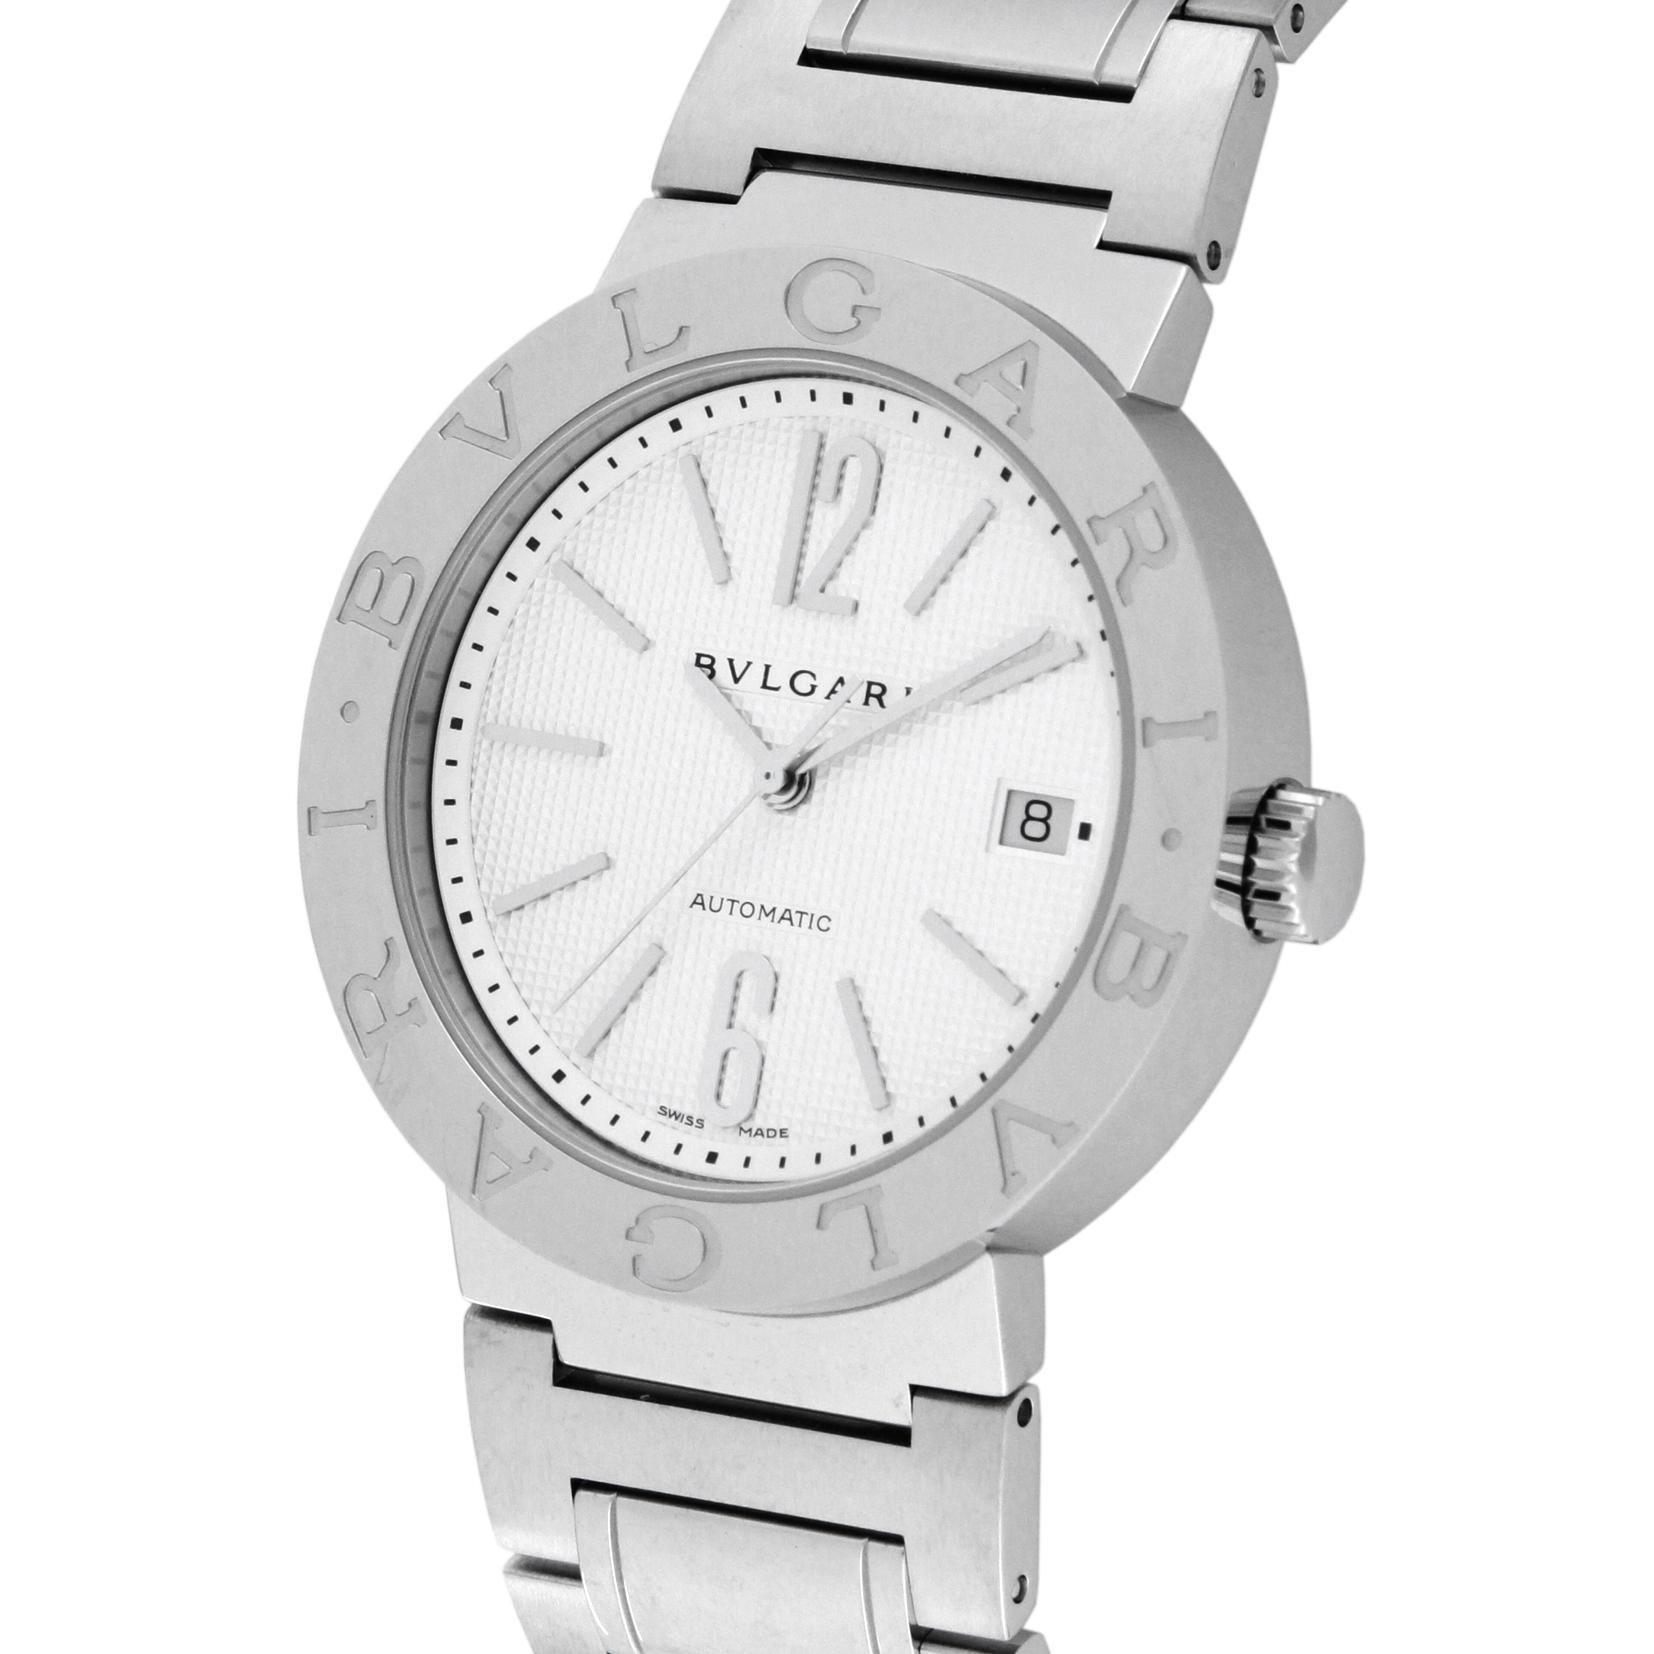 84ca3b3226d1 Amazon | [ブルガリ]BVLGARI 腕時計 BB38WSSD AUTO ブルガリ ホワイト ...